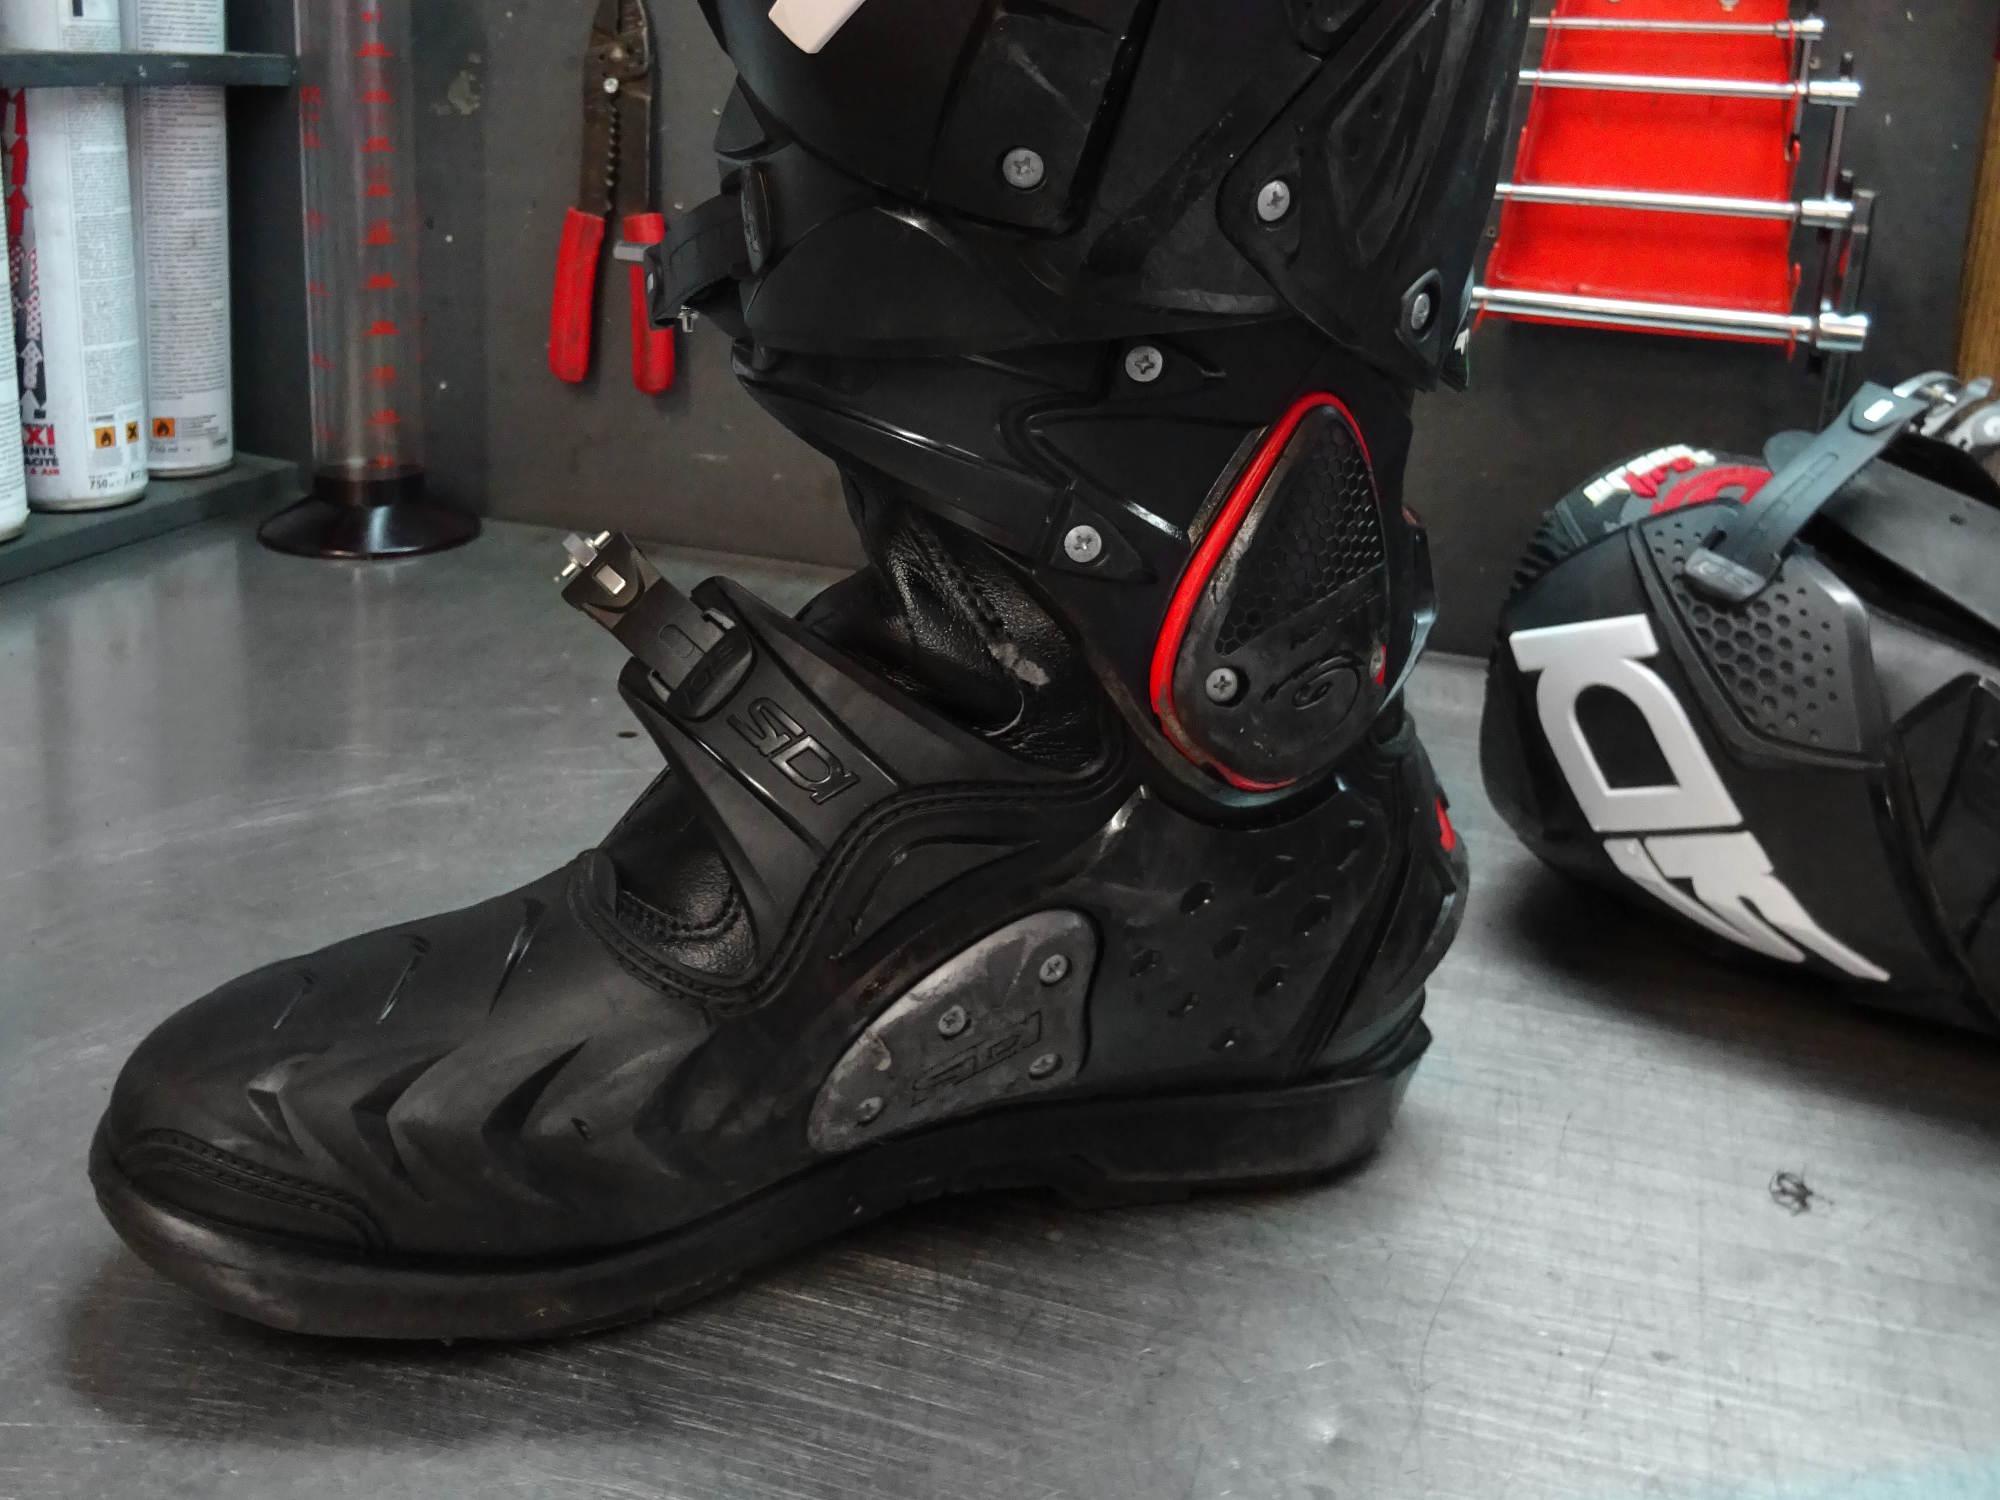 ¡En estas botas, todos los elementos atornillados son sustituibles!